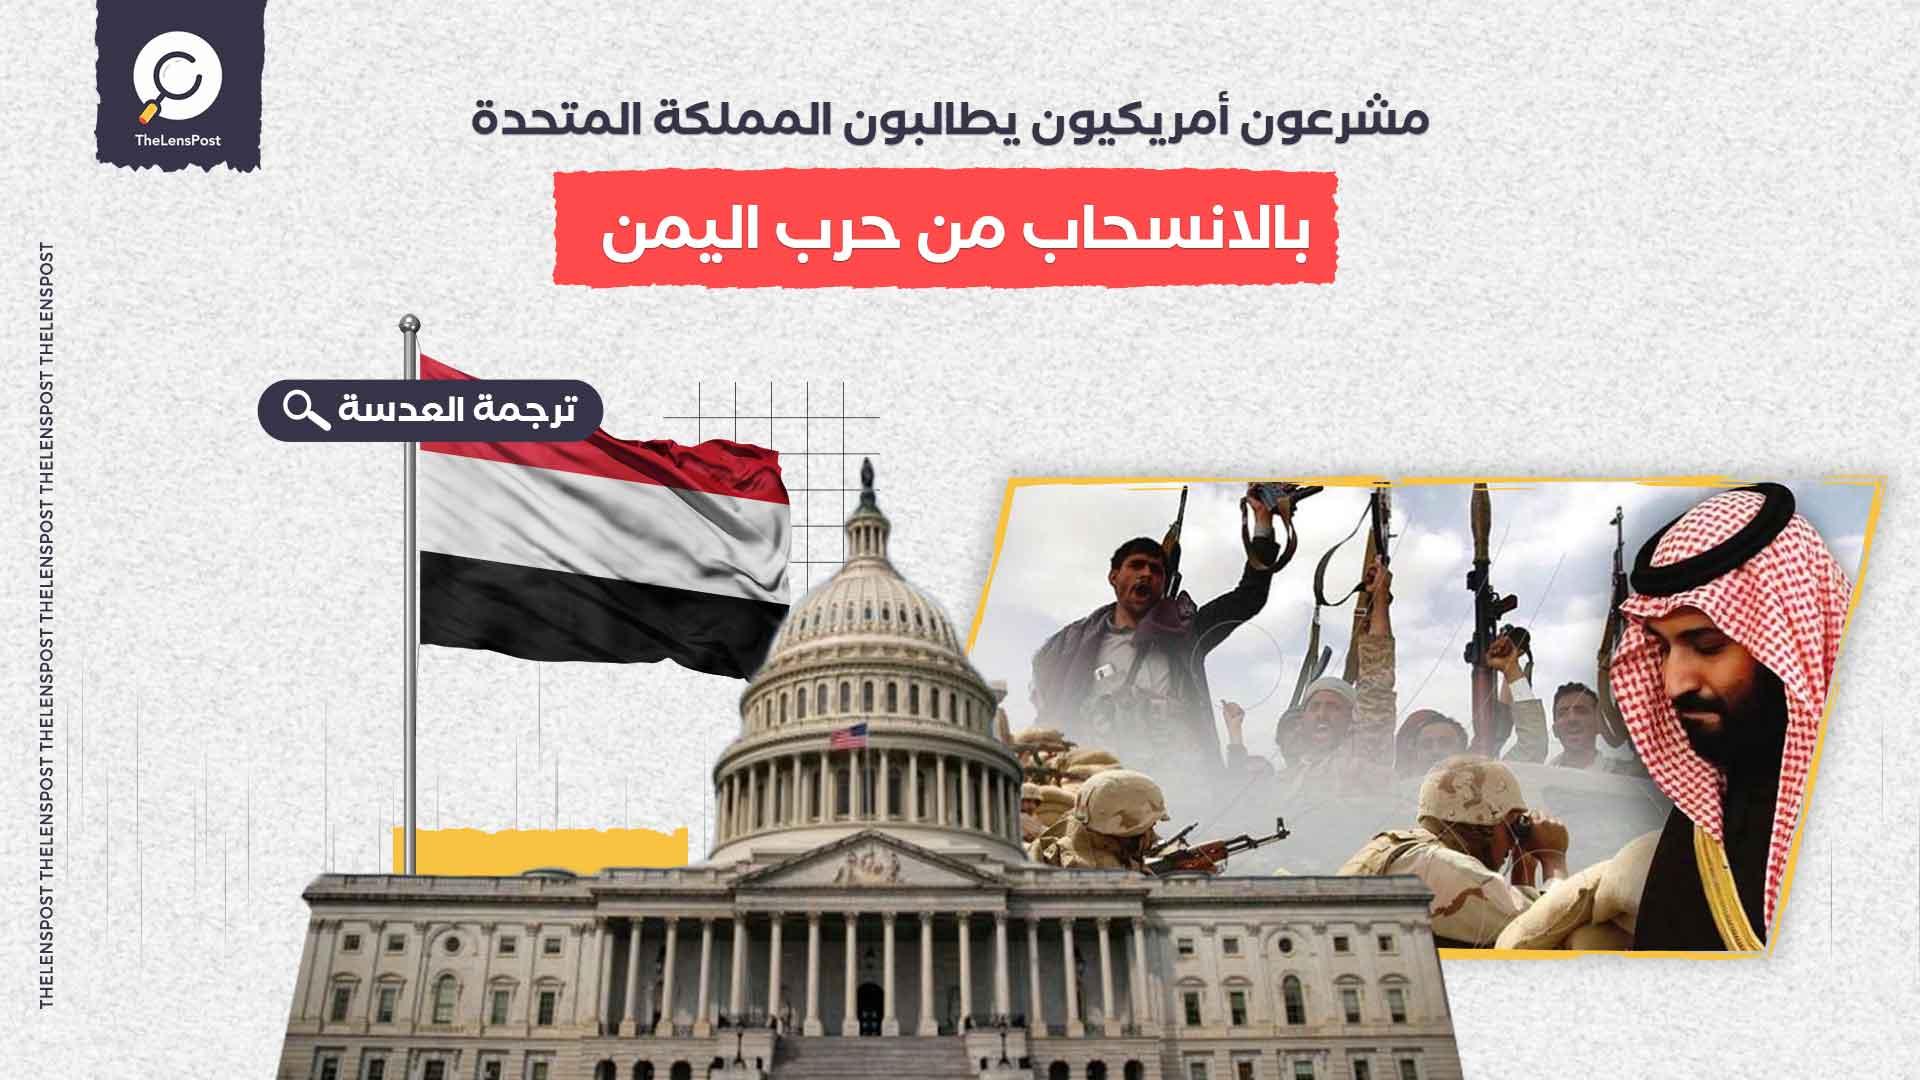 مشرعون أمريكيون يطالبون المملكة المتحدة بالانسحاب من حرب اليمن